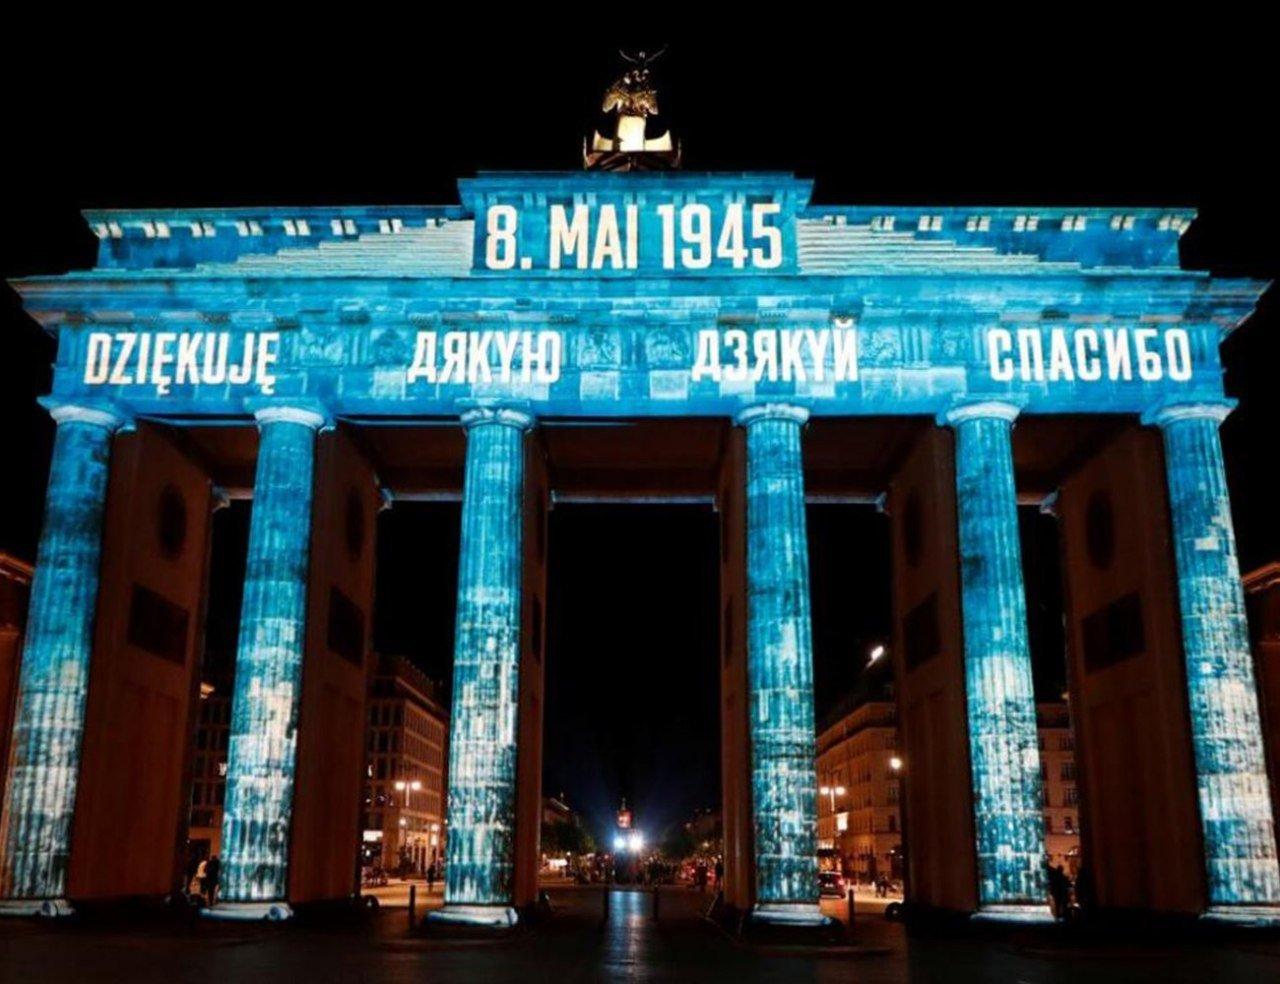 День Победы и памяти в Берлине отметили акцией благодарности (фото)